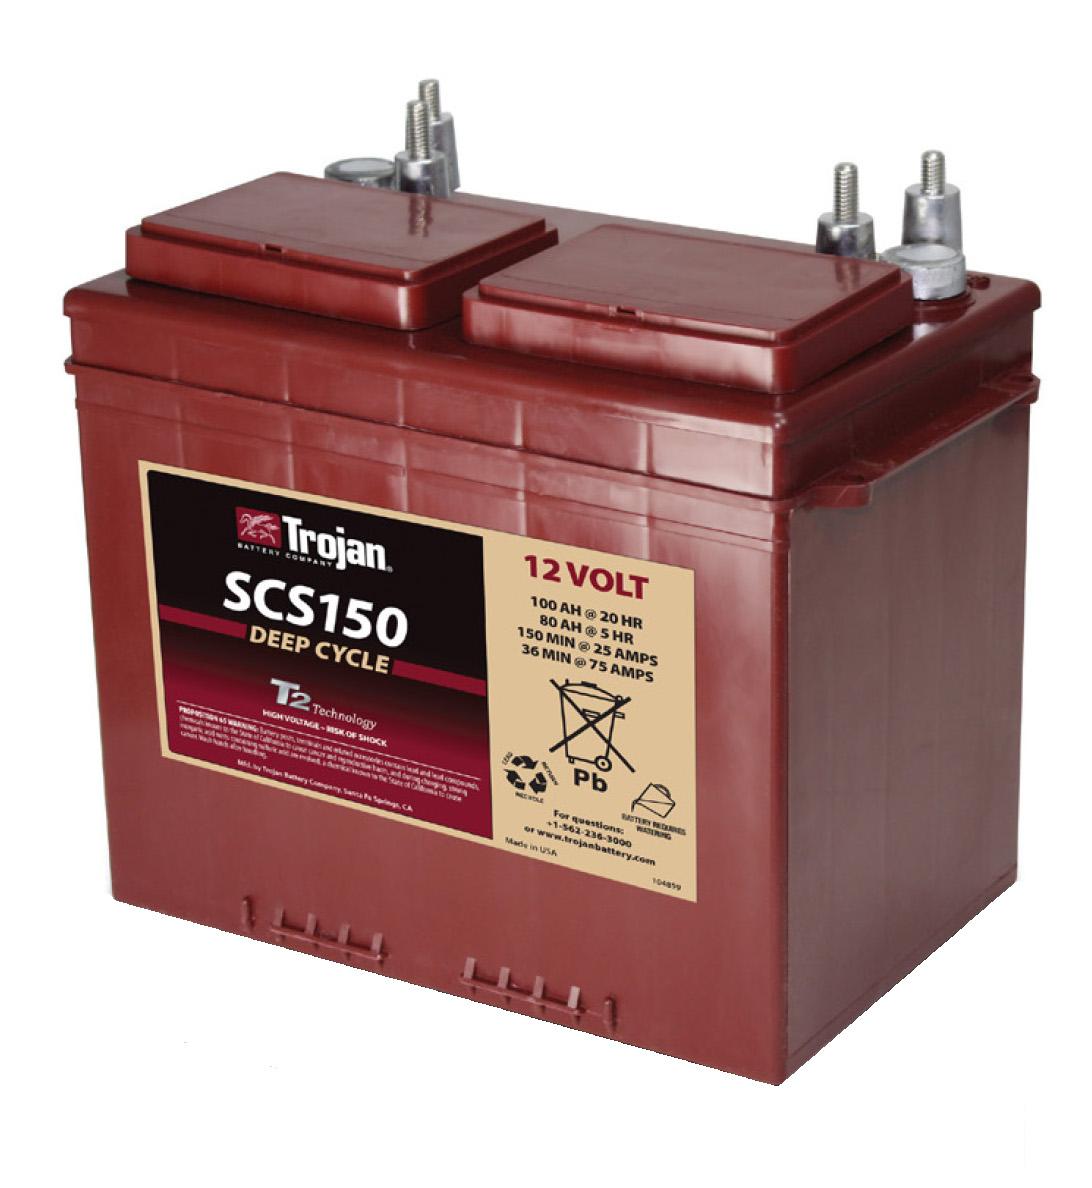 Купить ЛИТИЕВЫЙ DSP-3012LA 100AH Trojan SCS150 MinnKota ENERGY на Eurozakup - цены и фото - доставка из Польши и стран Европы в Украину.